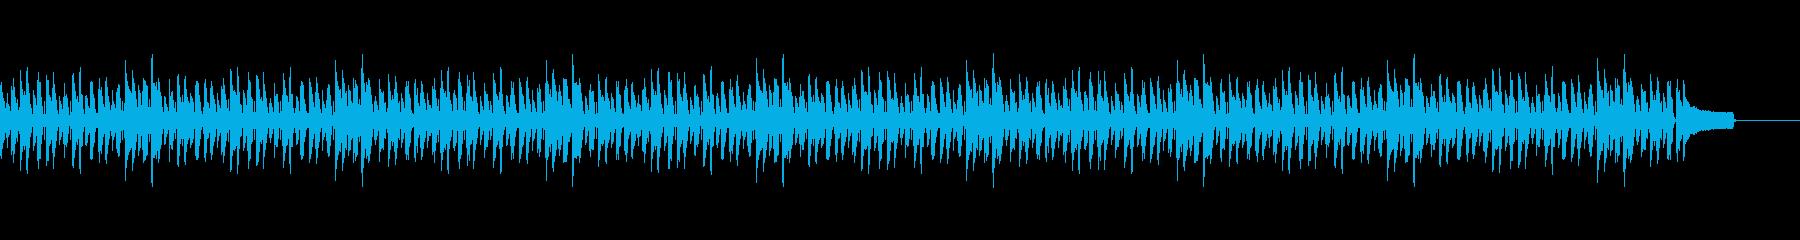 日常系BGMbの再生済みの波形